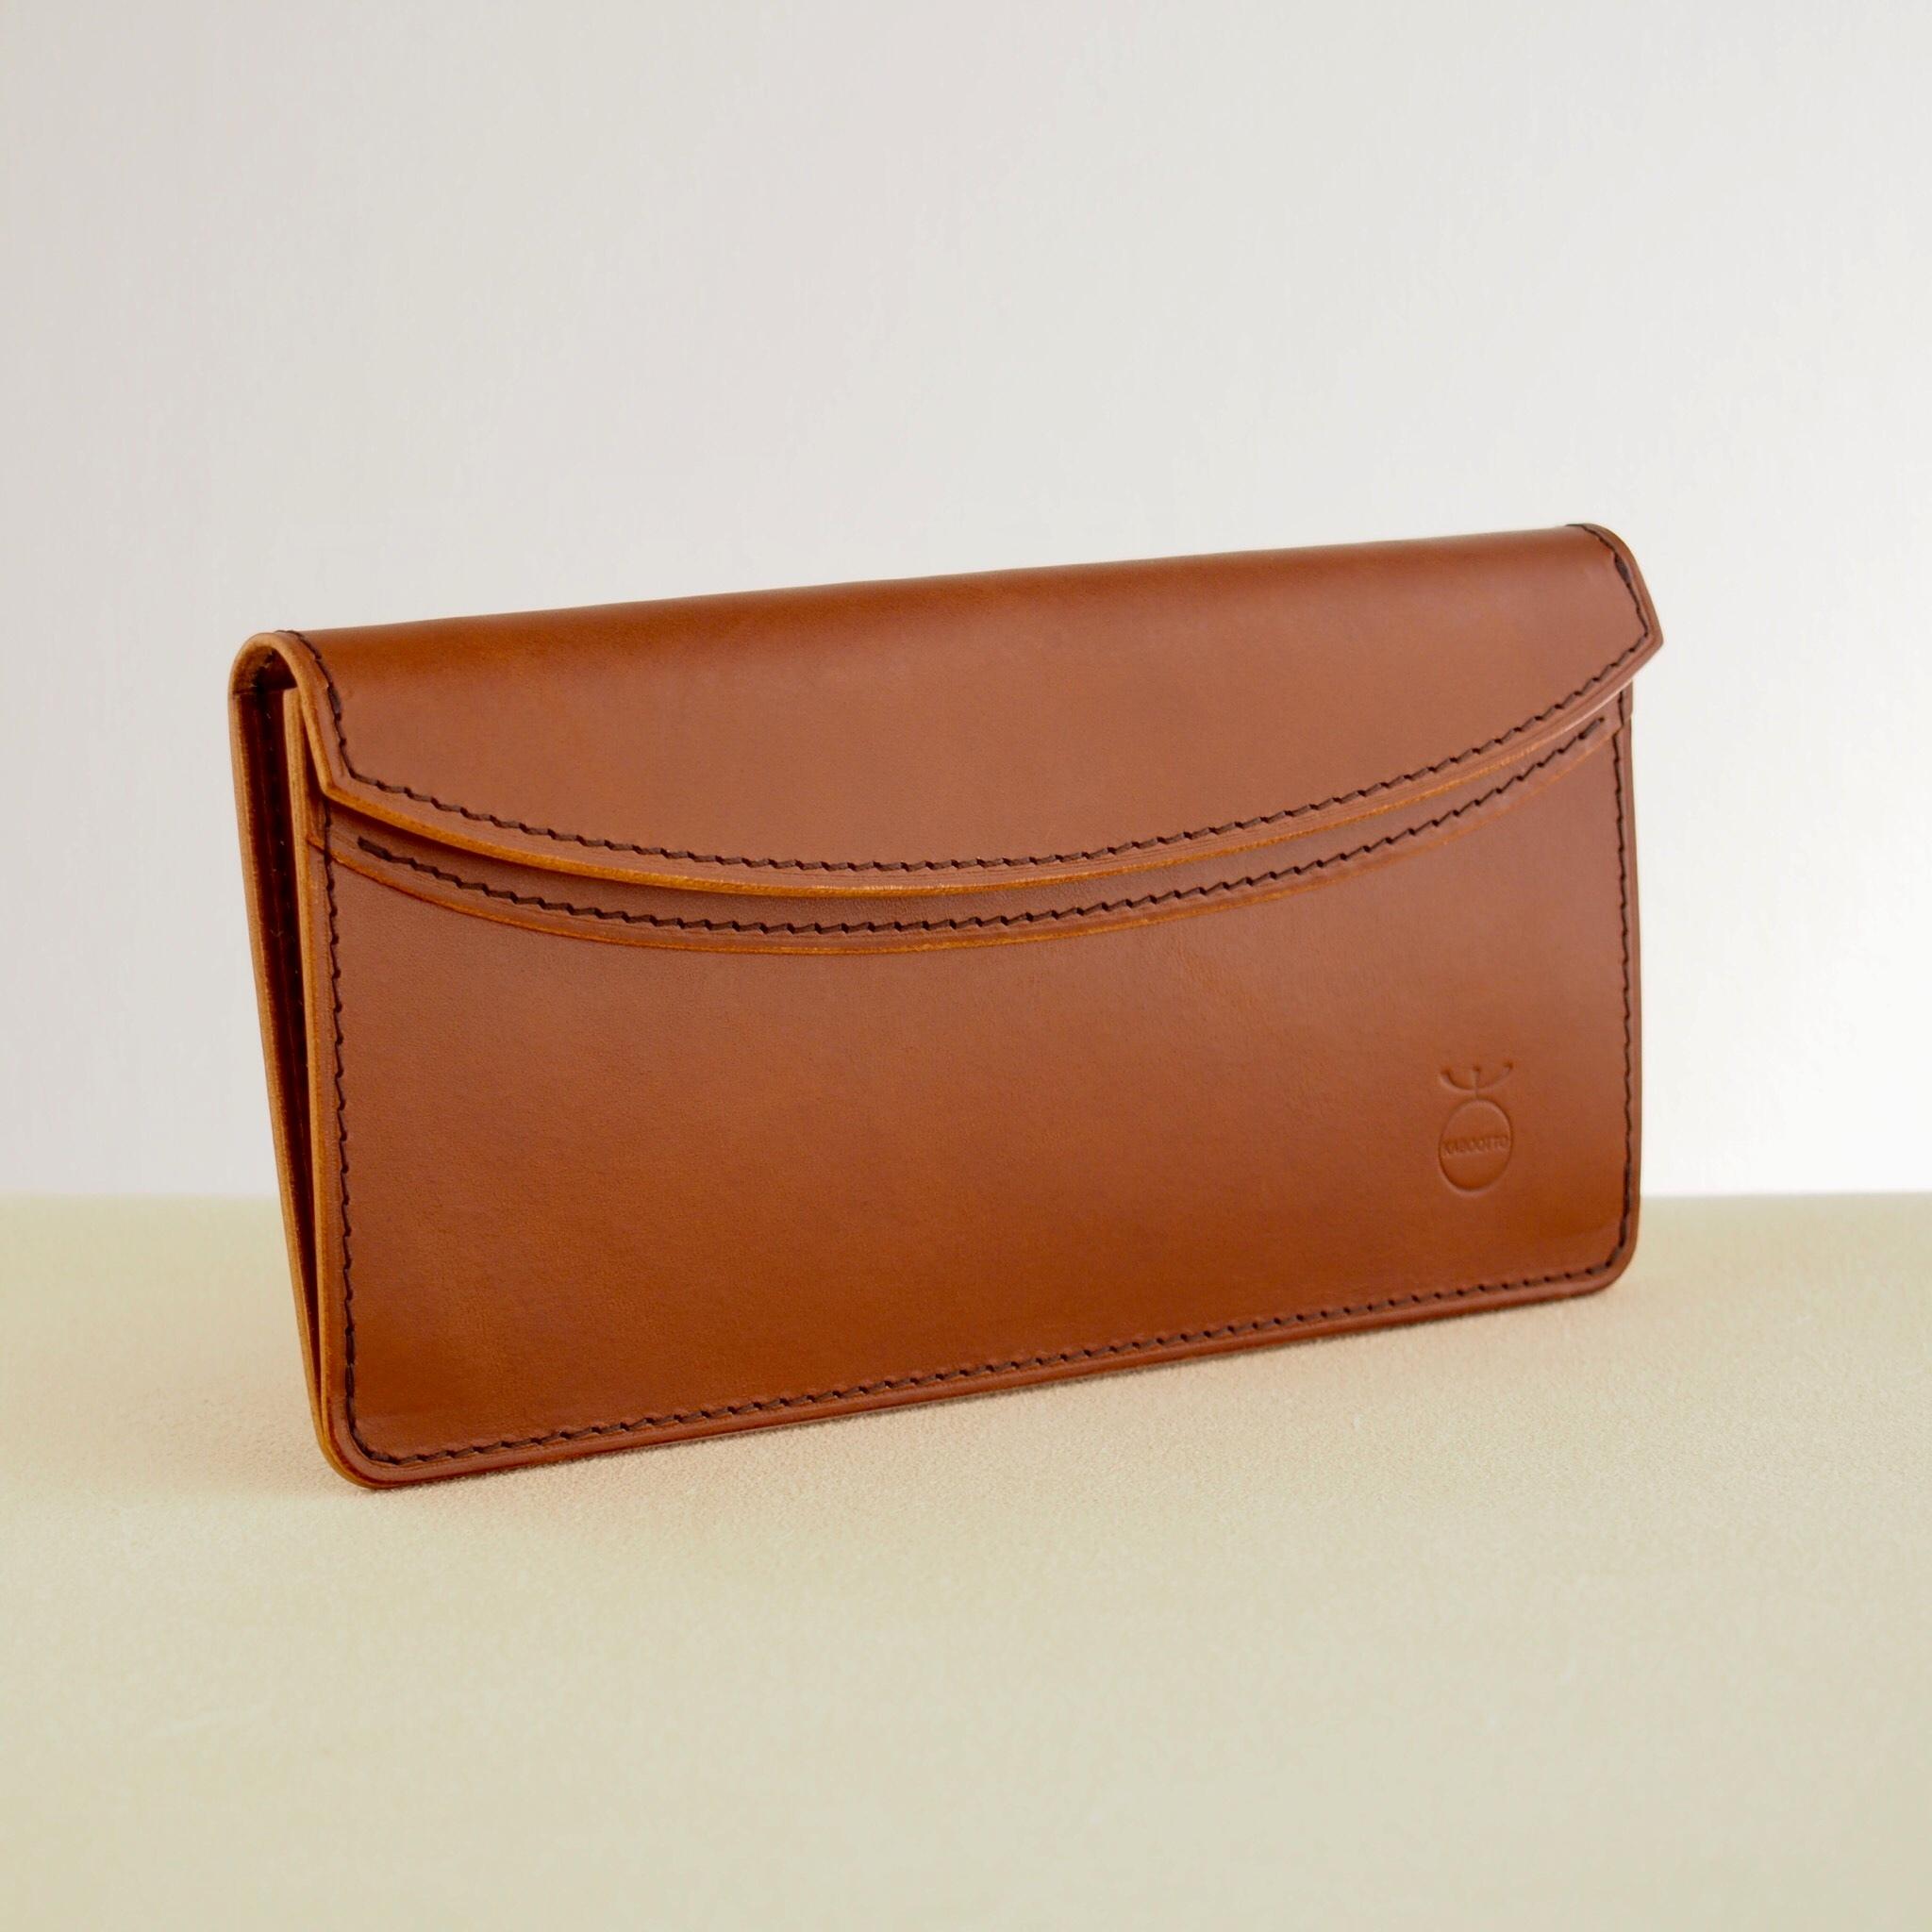 薄い軽い使いやすい! スリムな財布#ブラウン